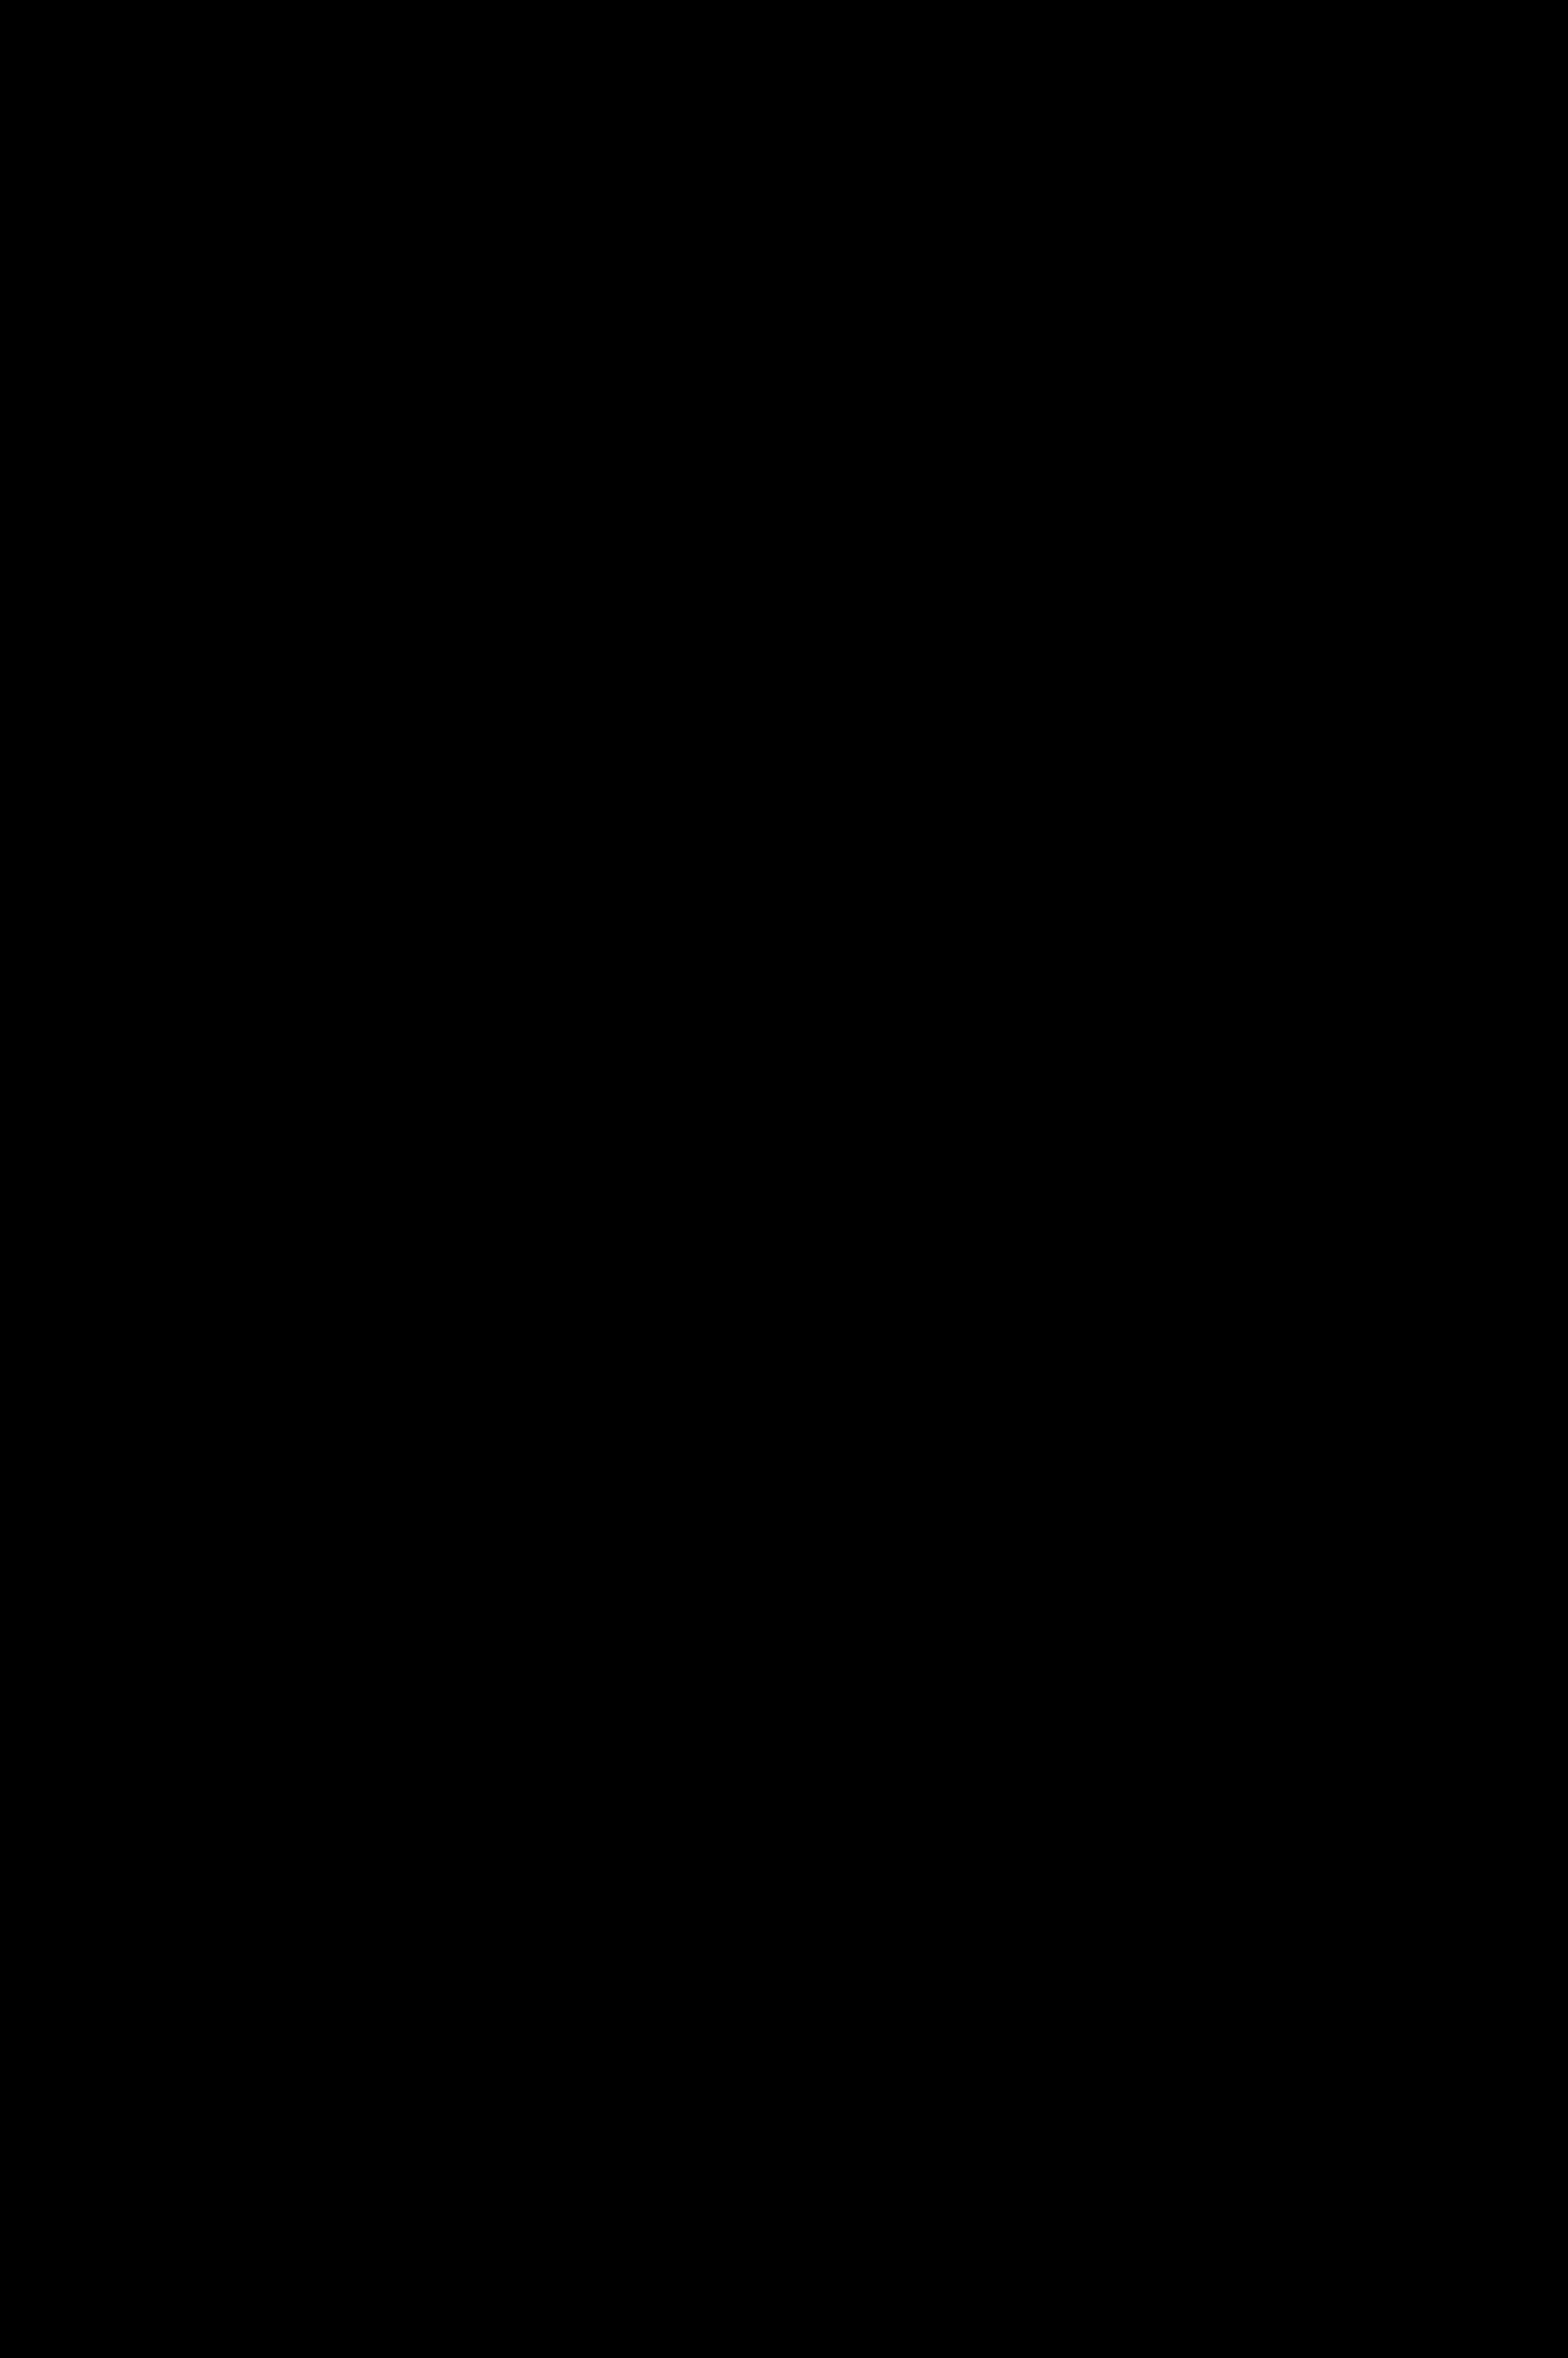 Click Hand PNG Black 2 140x210 - Mouse Cursor Click PNG Transparent Free  Images - Mouse Cursor Click PNG